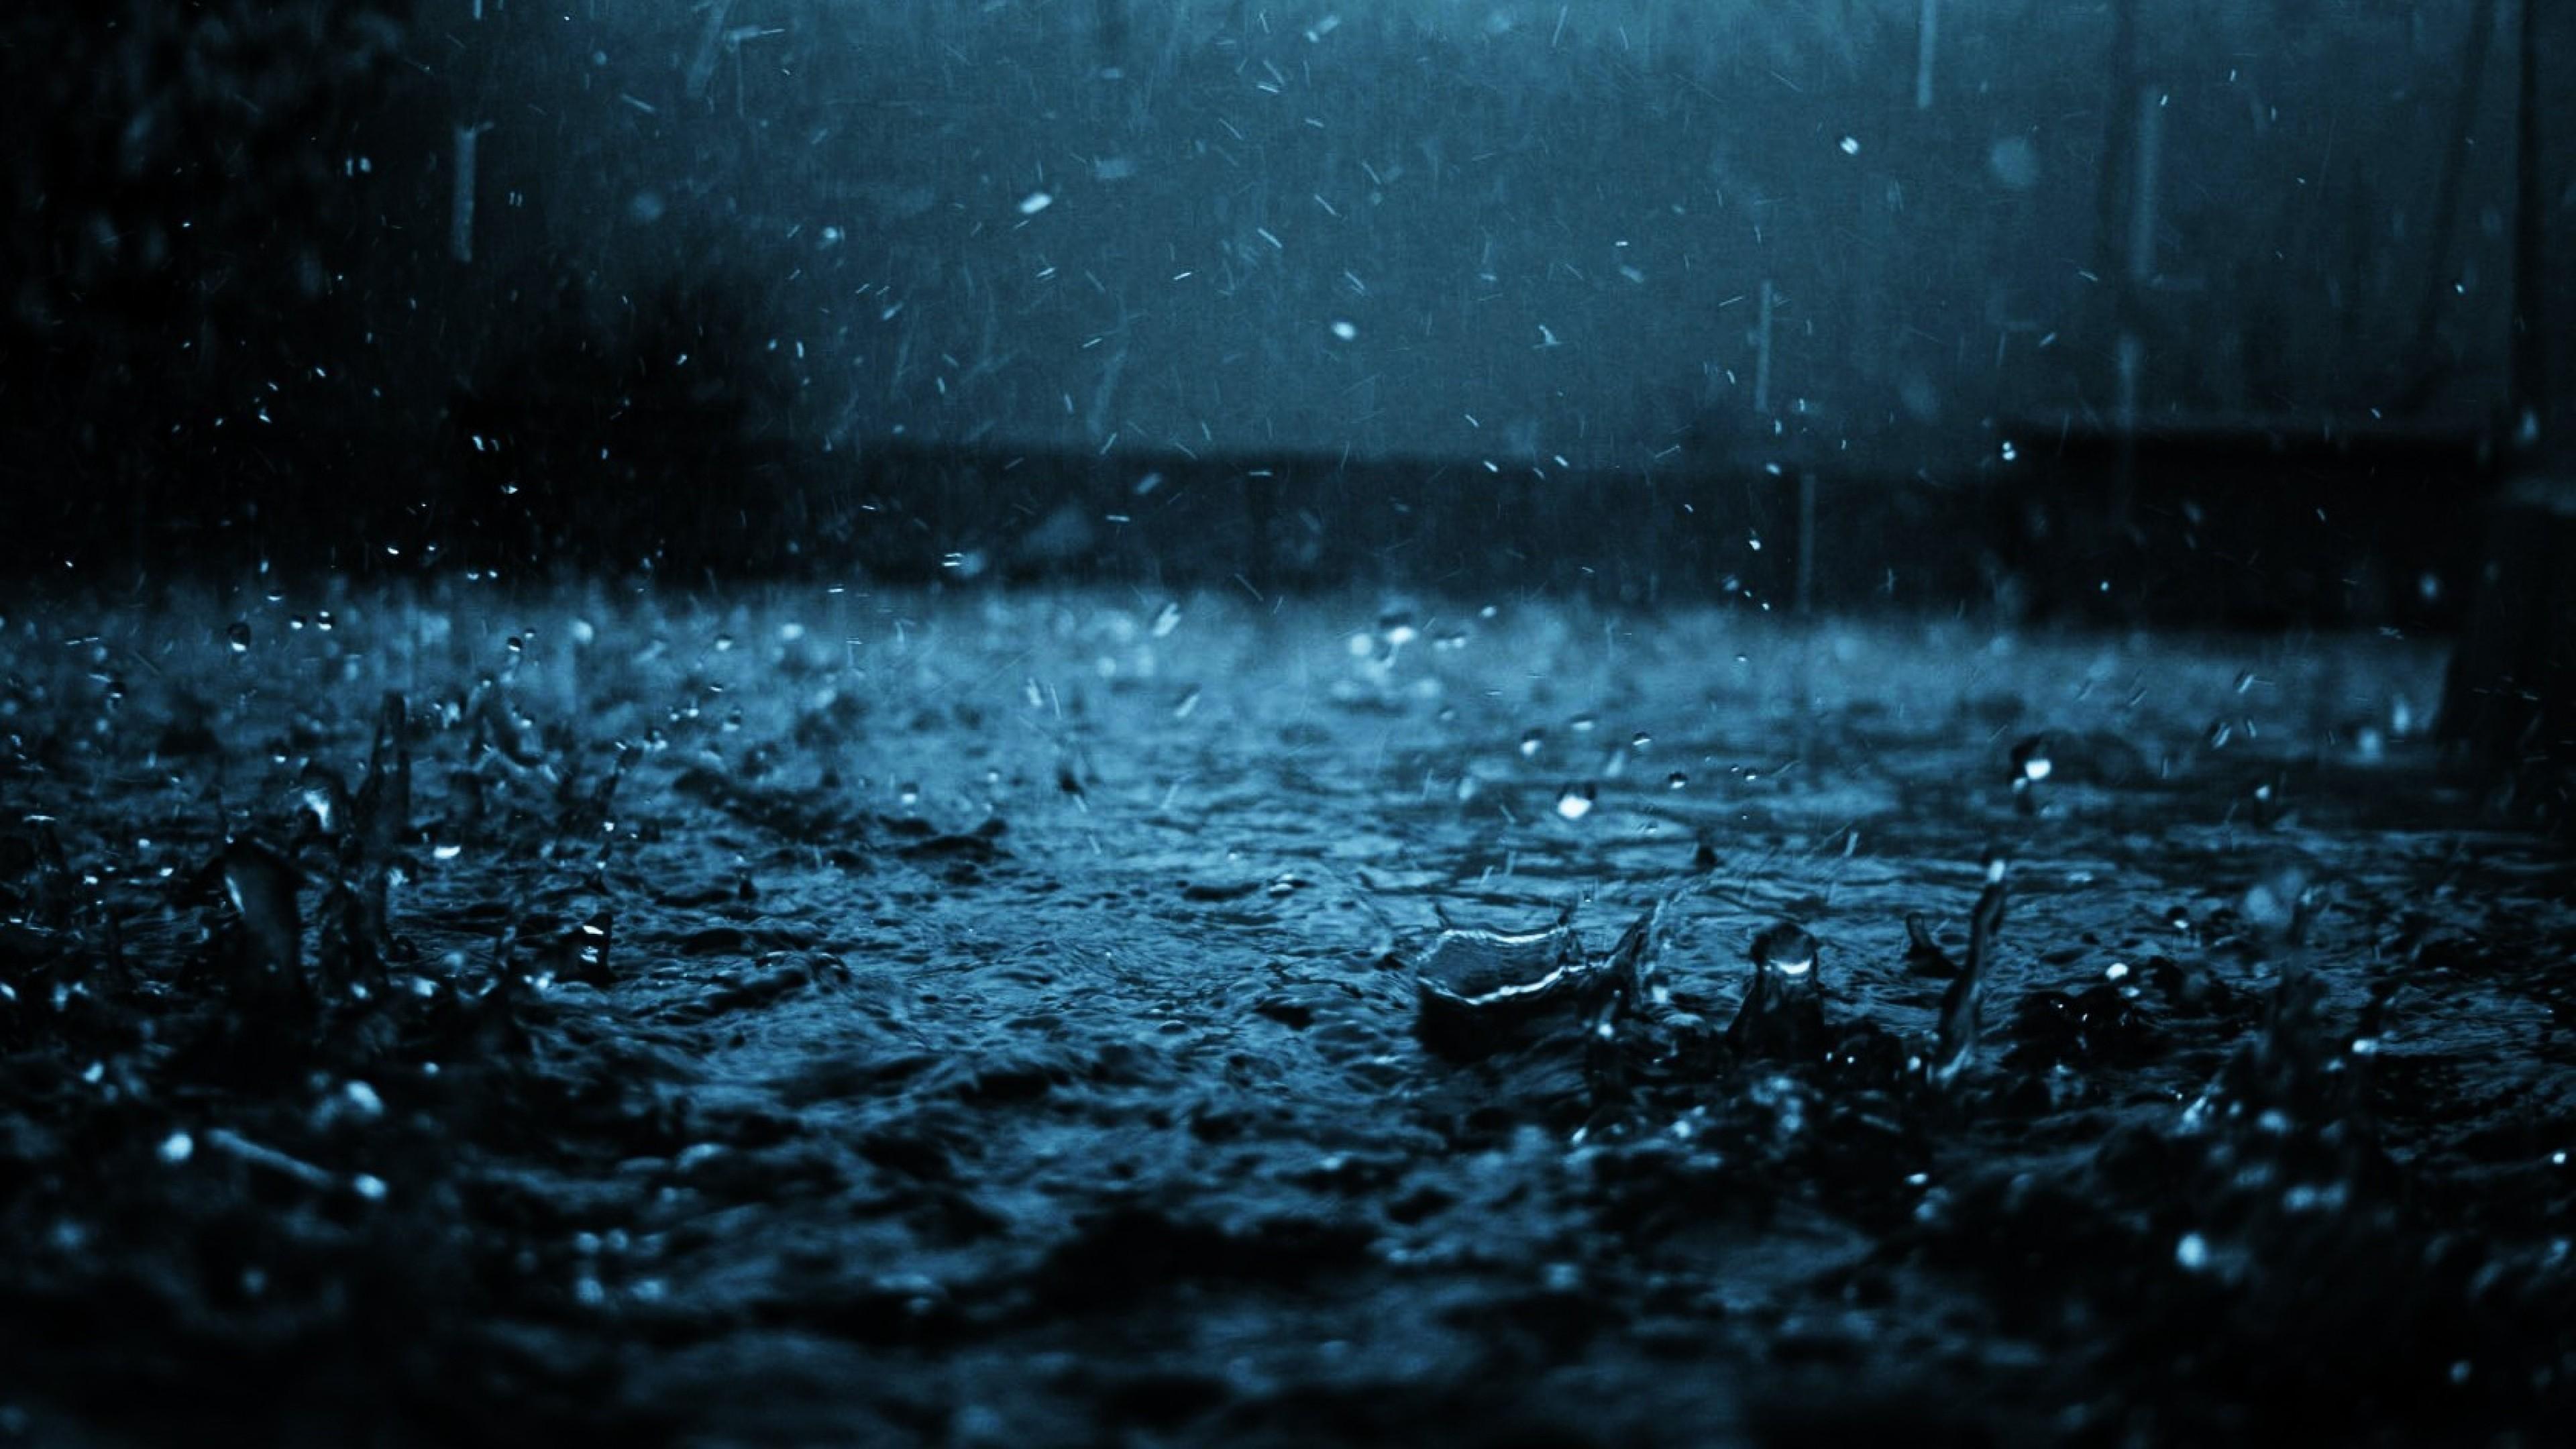 Beautiful Wallpaper Macbook Rain - 727250-rain-wallpaper-3840x2160-macbook  Graphic_97214.jpg